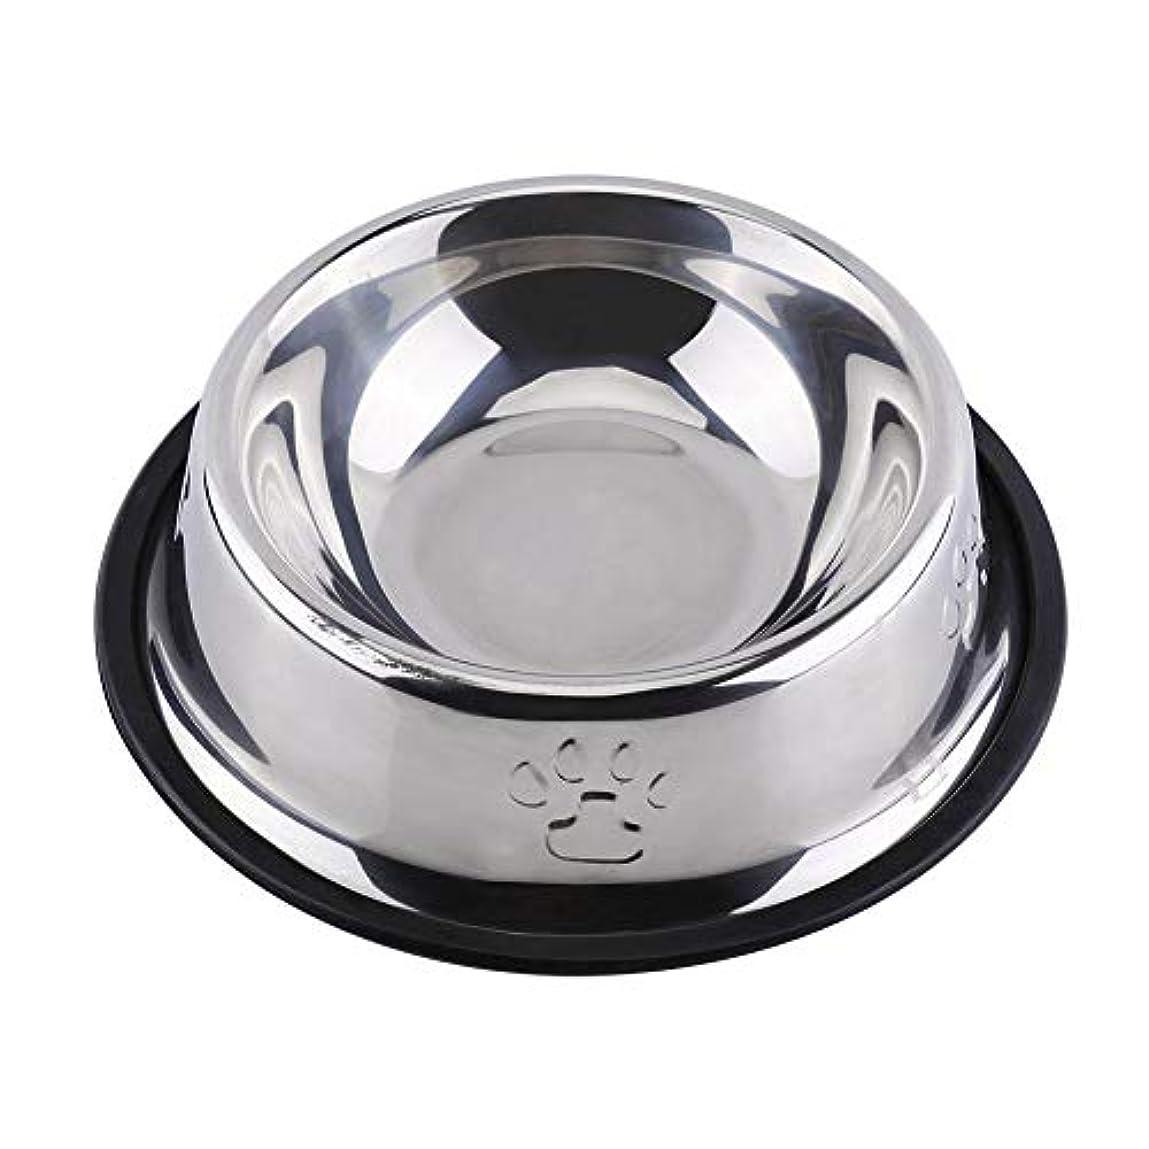 TOPINCN ステンレス鋼 ペットボウル アンチスリップ犬猫子犬 フードホルダー ペット給水器 餌やり 5サイズ(18cm)